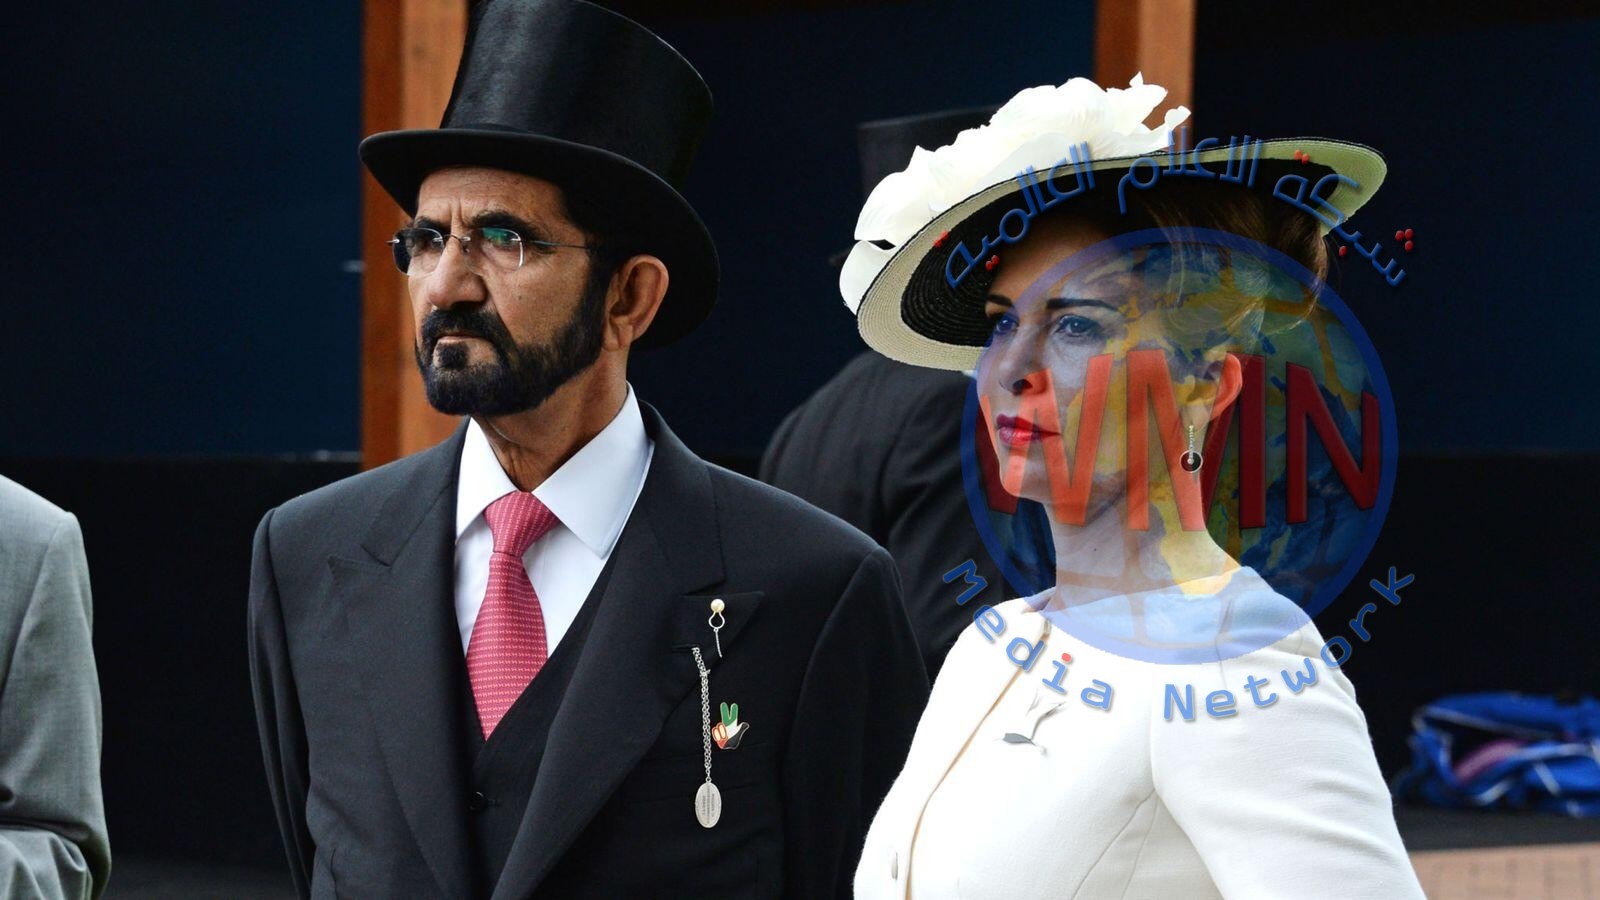 في أحدث جولات معركتهما القضائية.. الأميرة هيا تمثل أمام المحكمة وحاكم دبي يغيب